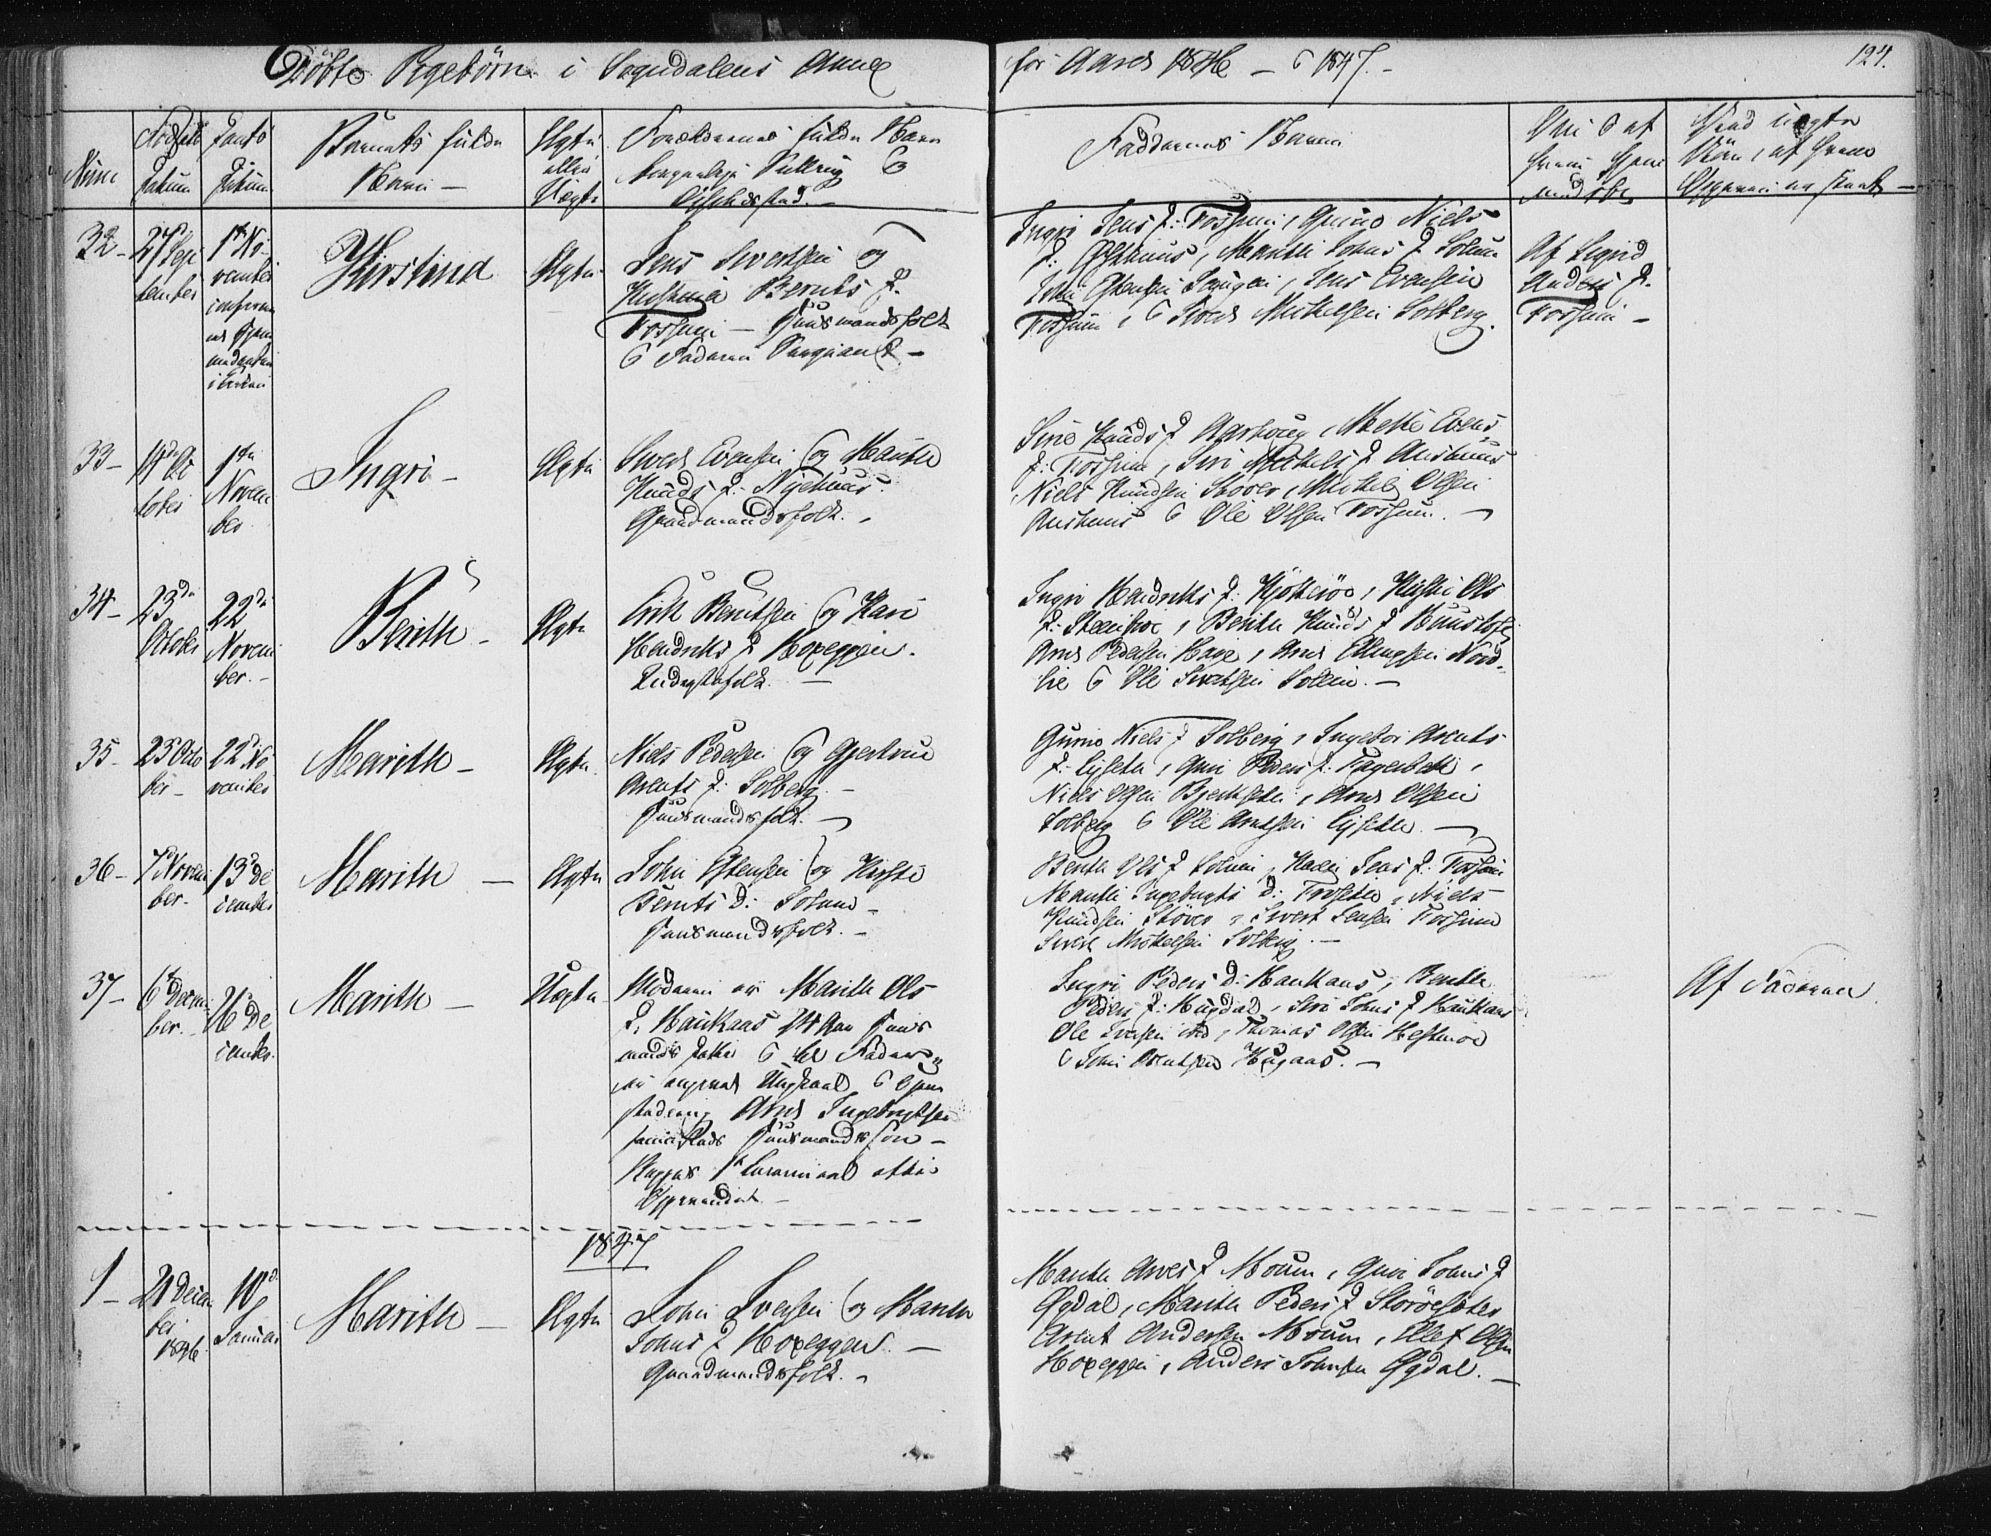 SAT, Ministerialprotokoller, klokkerbøker og fødselsregistre - Sør-Trøndelag, 687/L0999: Ministerialbok nr. 687A05 /3, 1843-1848, s. 124